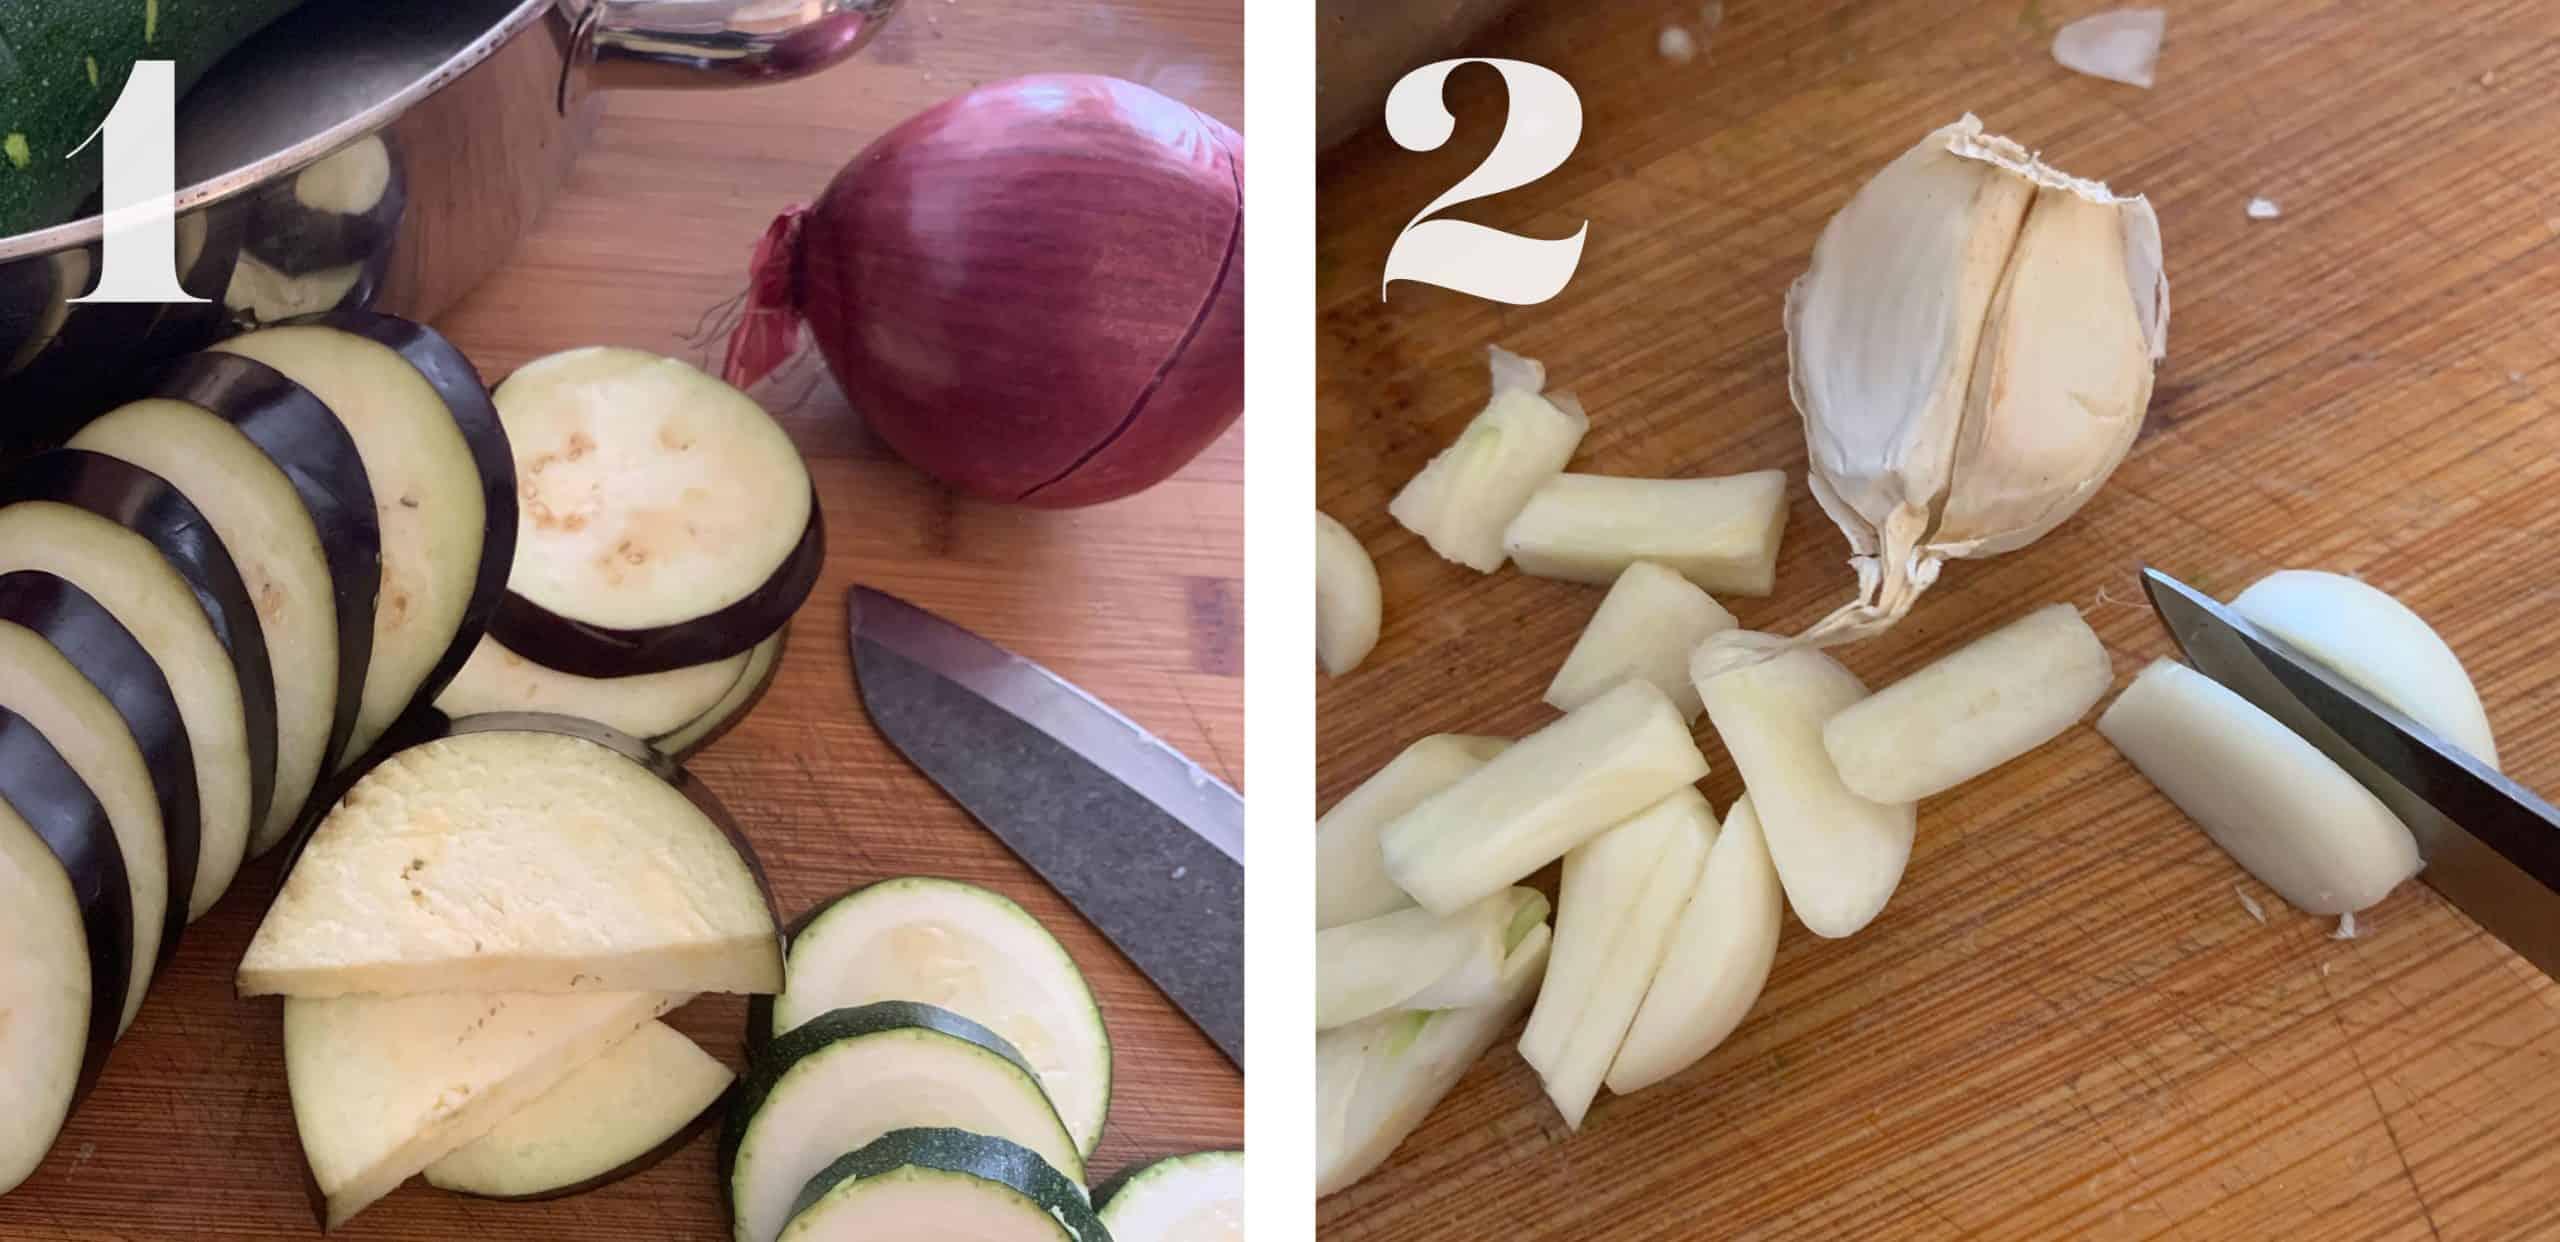 Cutting veggies for Greek Ratatouille - Briam.